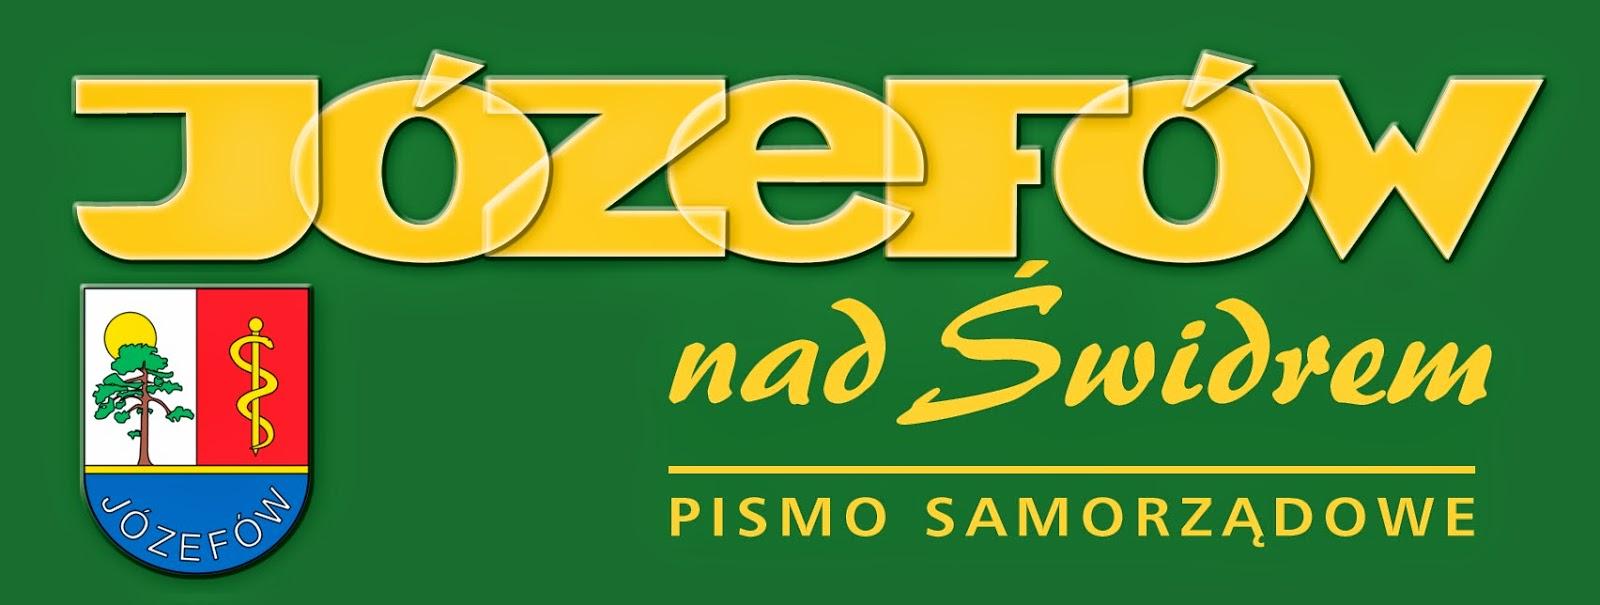 http://www.jozefow.pl/page/17,jozefow-nad-Swidrem.html